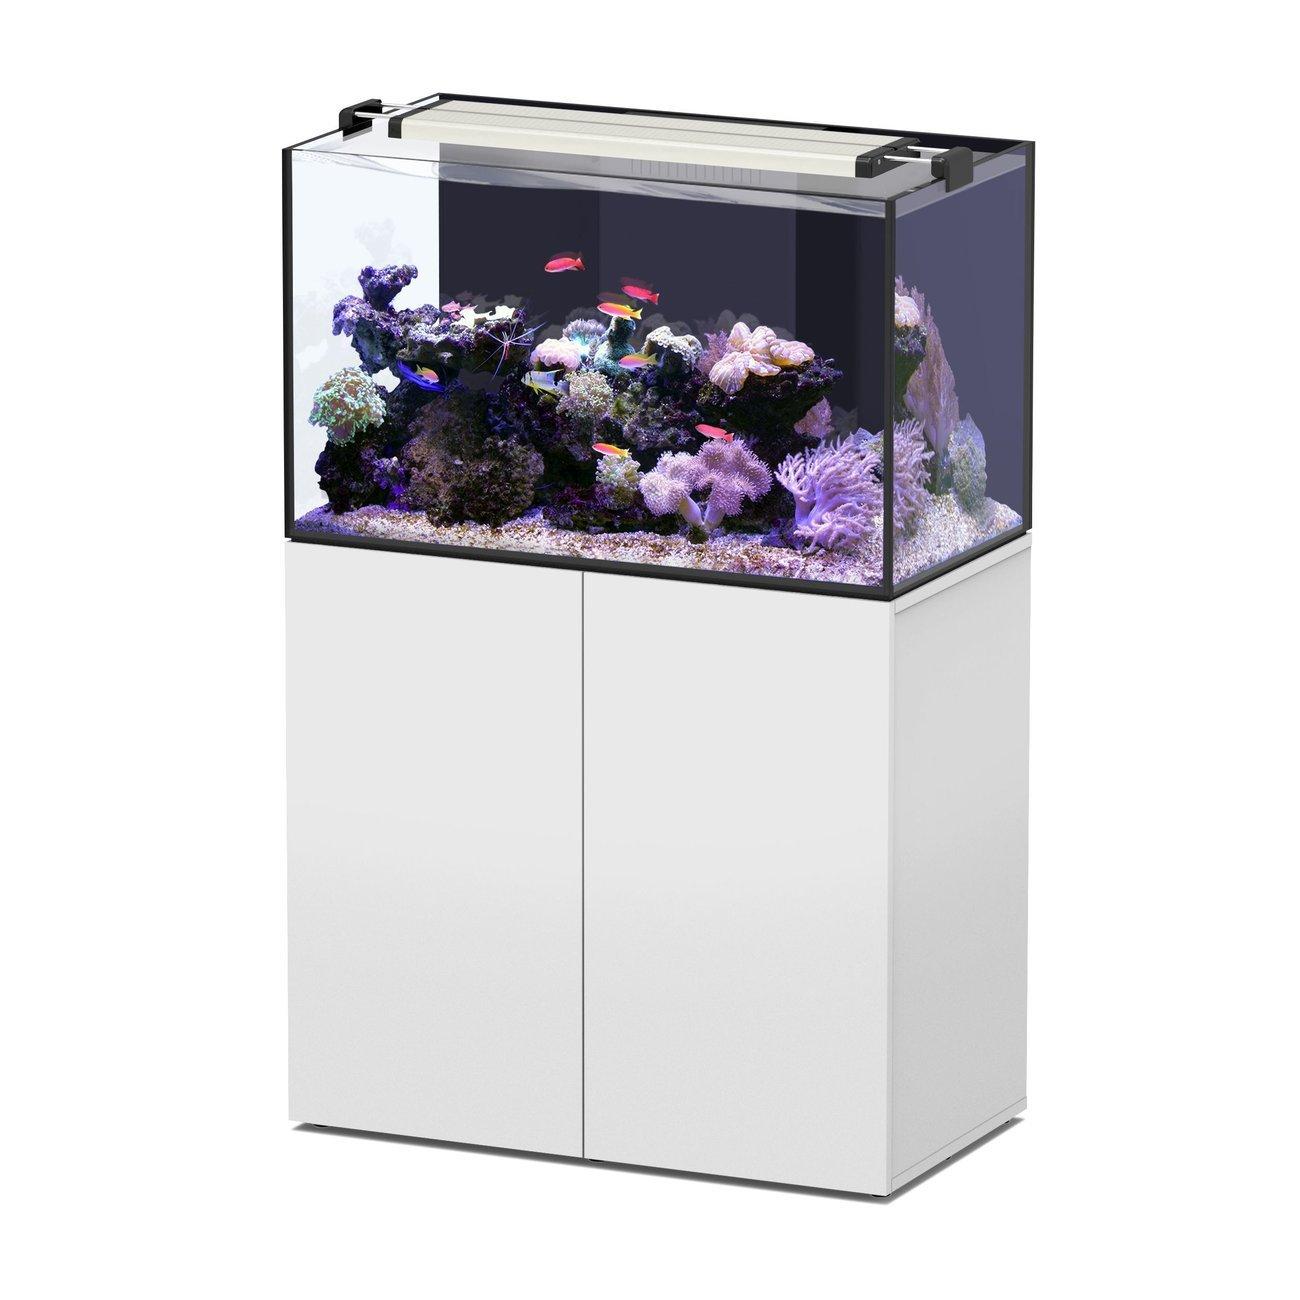 Aquatlantis AquaView 92 mit Unterschrank, Bild 4